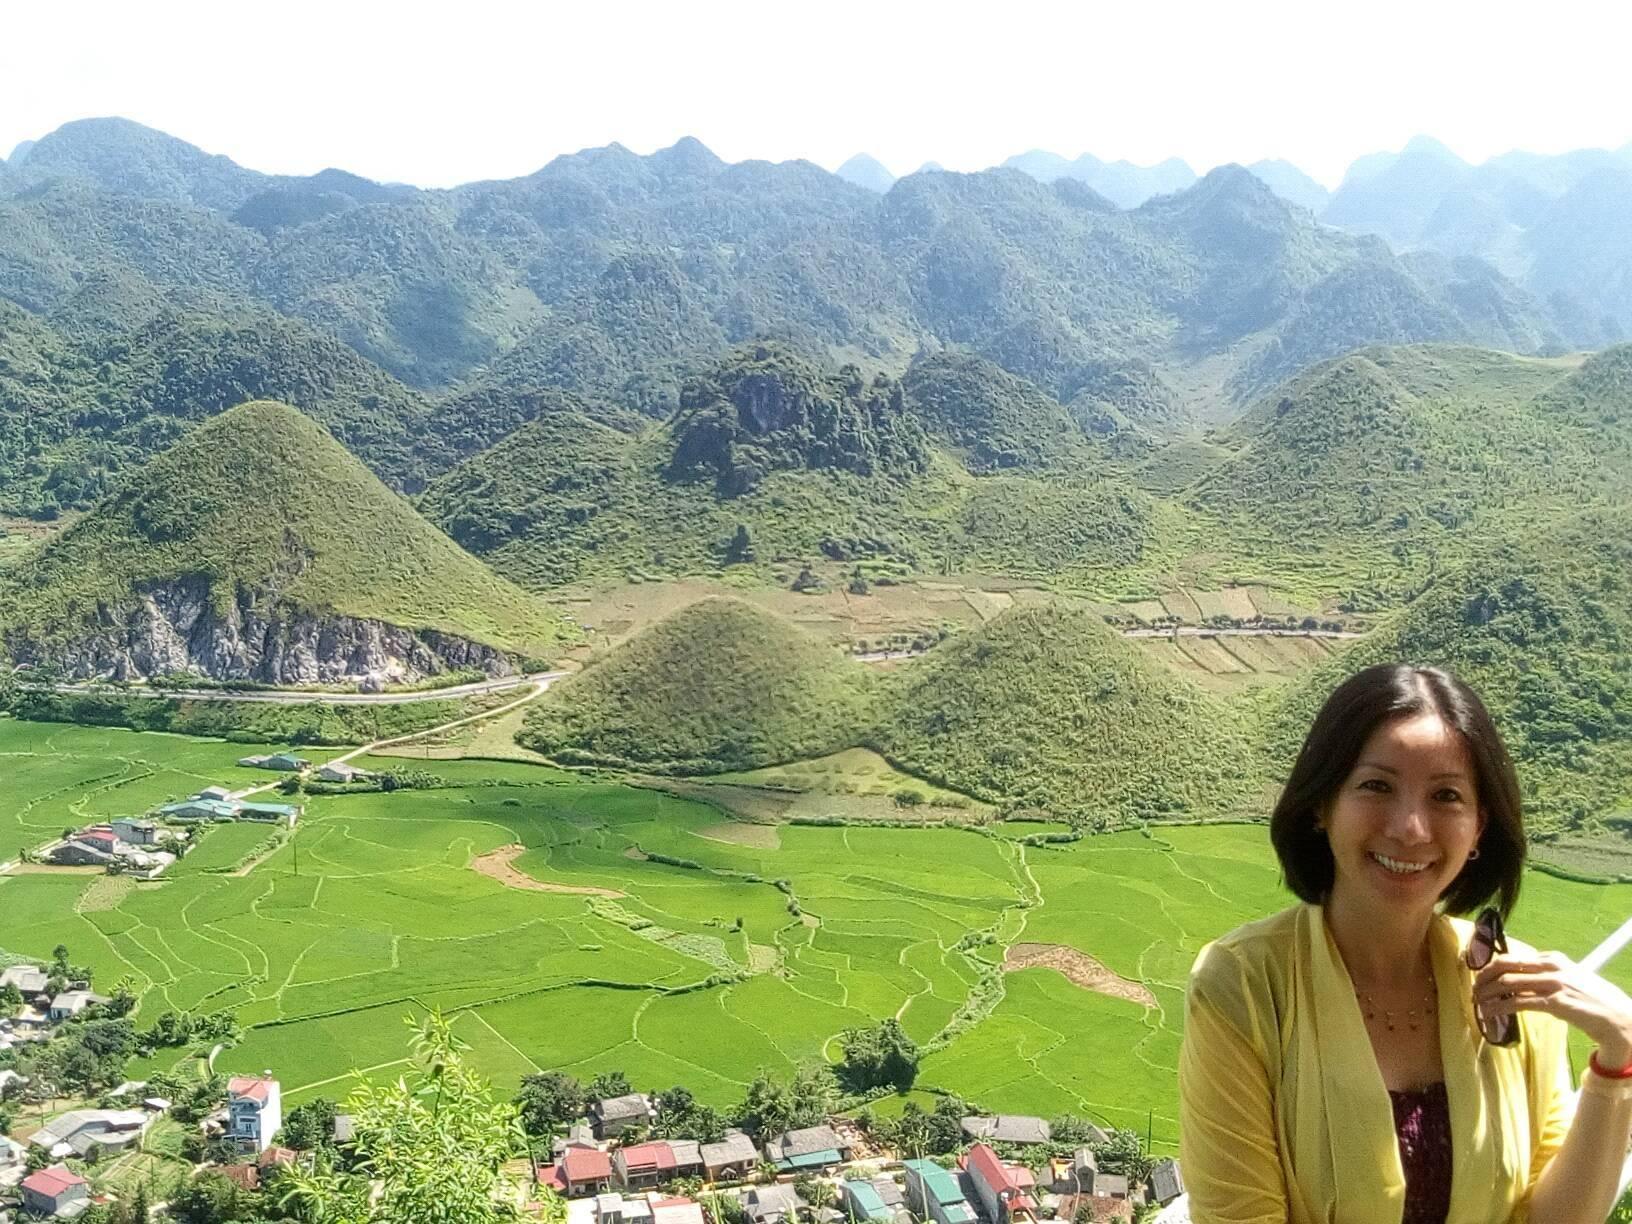 Người mẹ 52 tuổi và hành trình ba lần xuyên Việt bằng xe máy